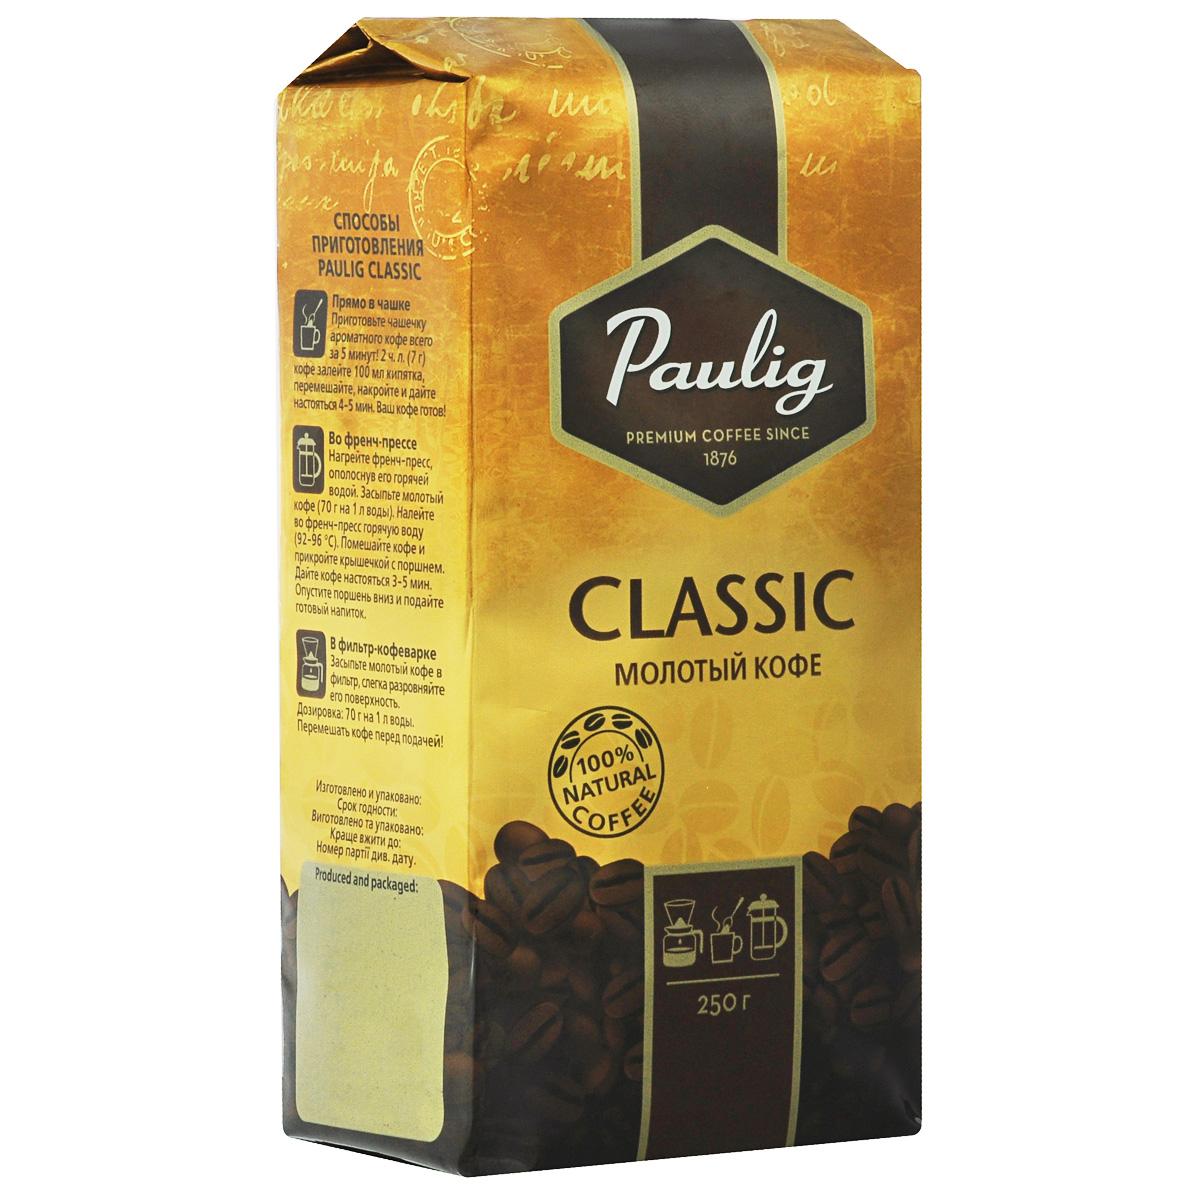 Paulig Classic кофе молотый, 250 г16277/15810